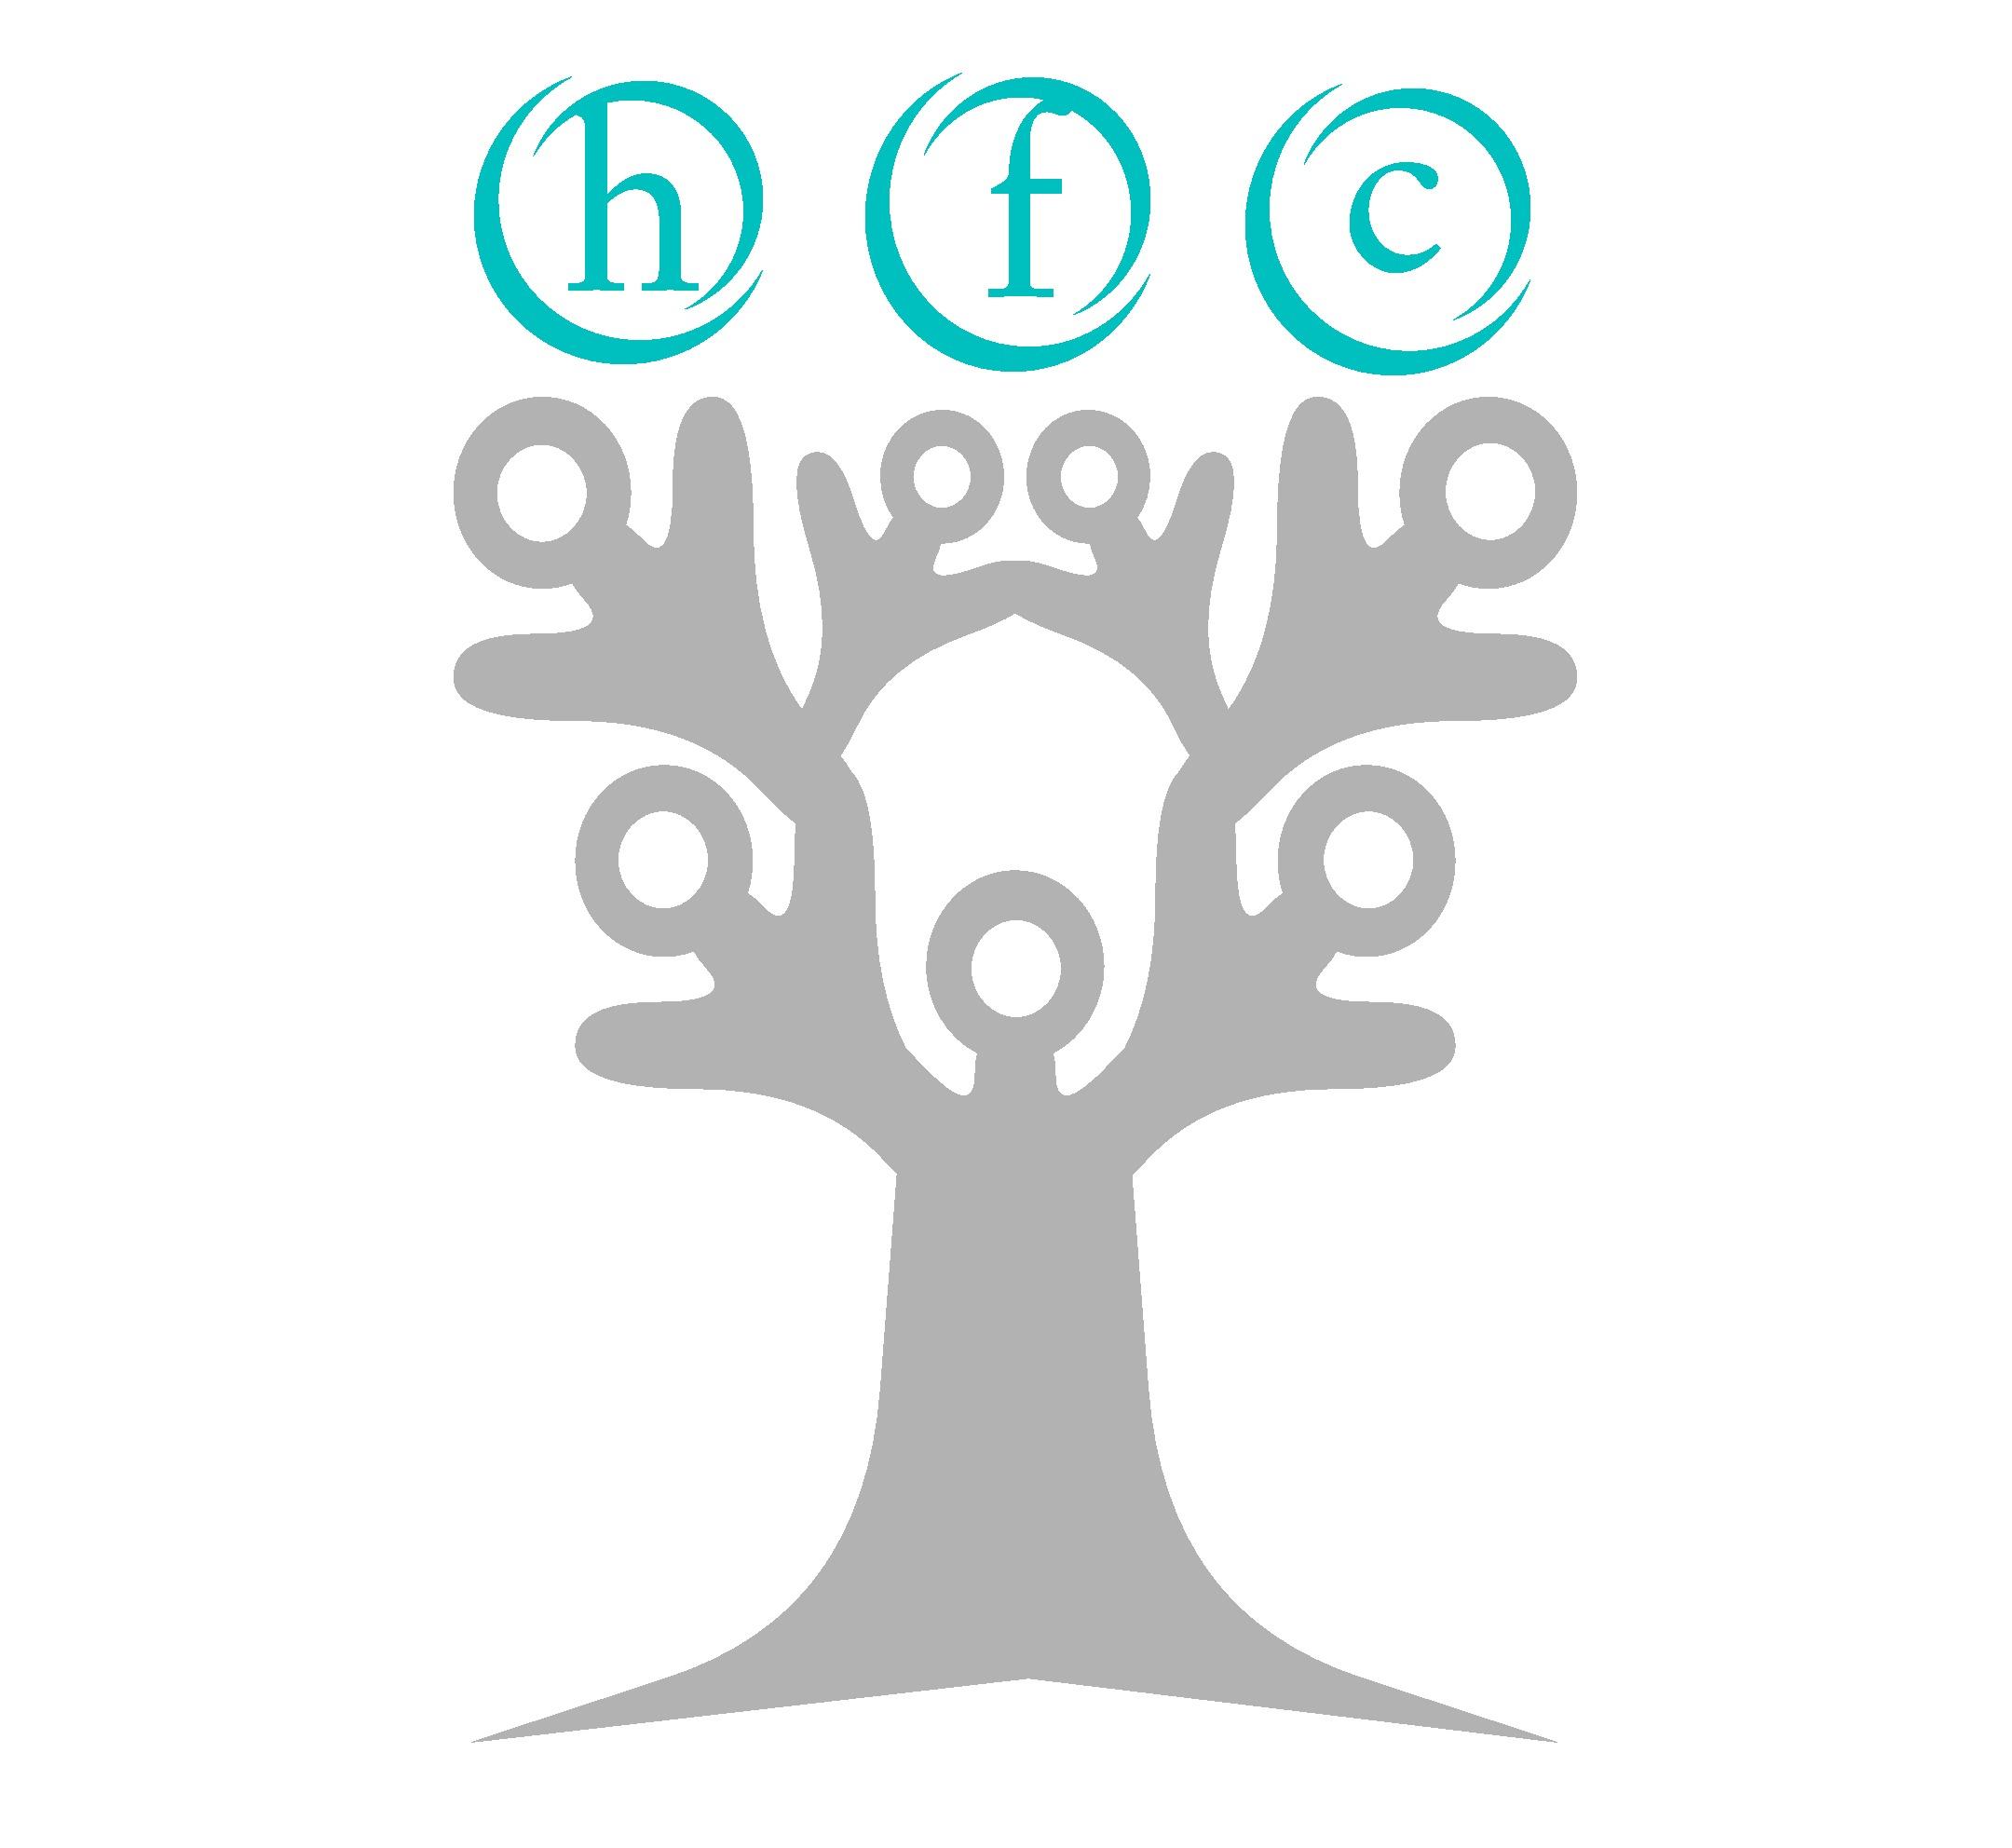 HFC family tree logo